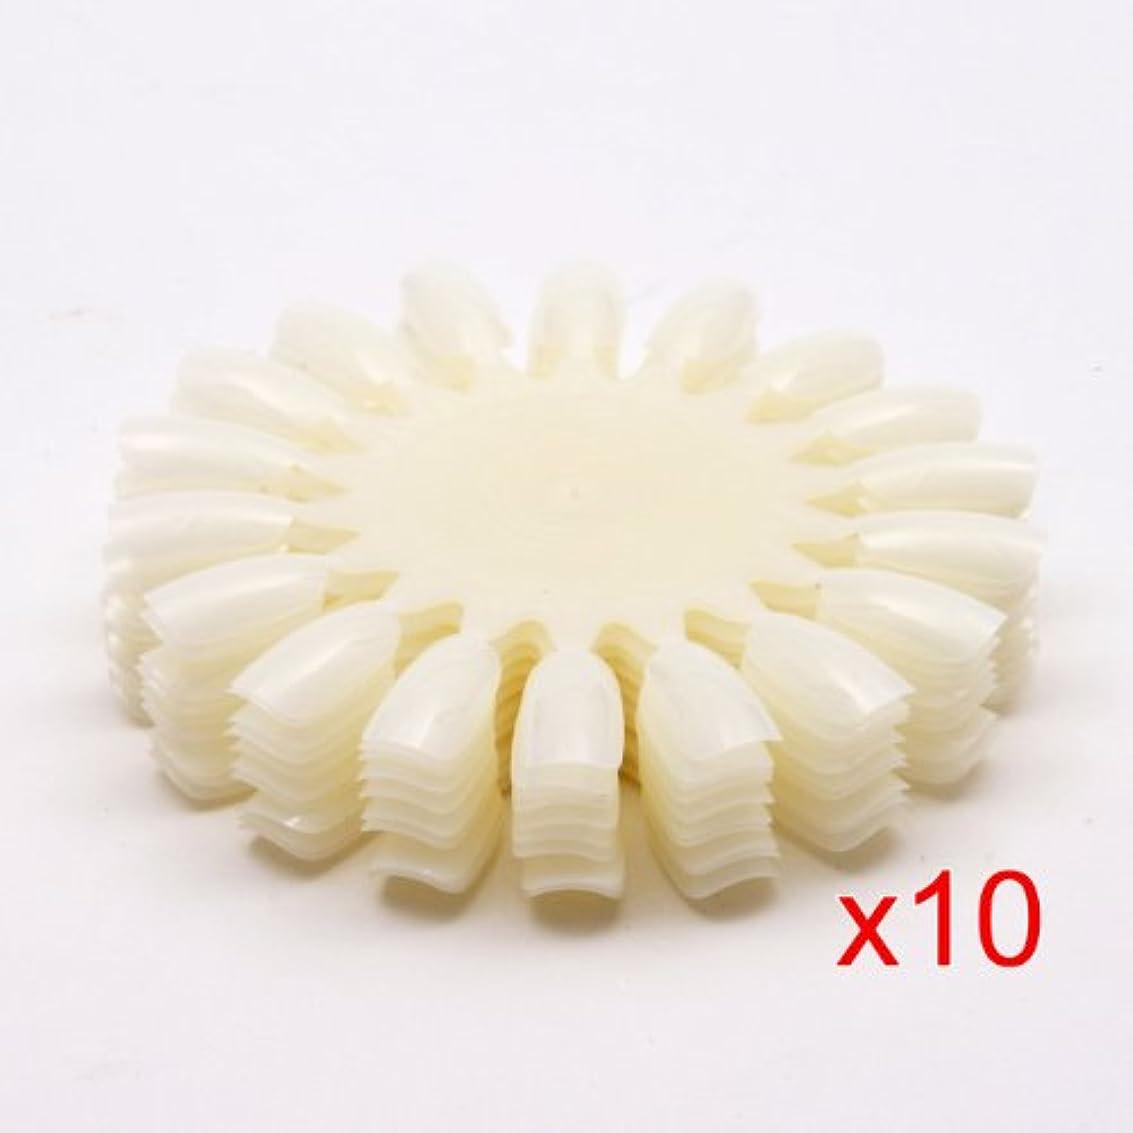 メアリアンジョーンズロータリー最後にupperx 10 xナチュラルな白いのネイルアートホイール